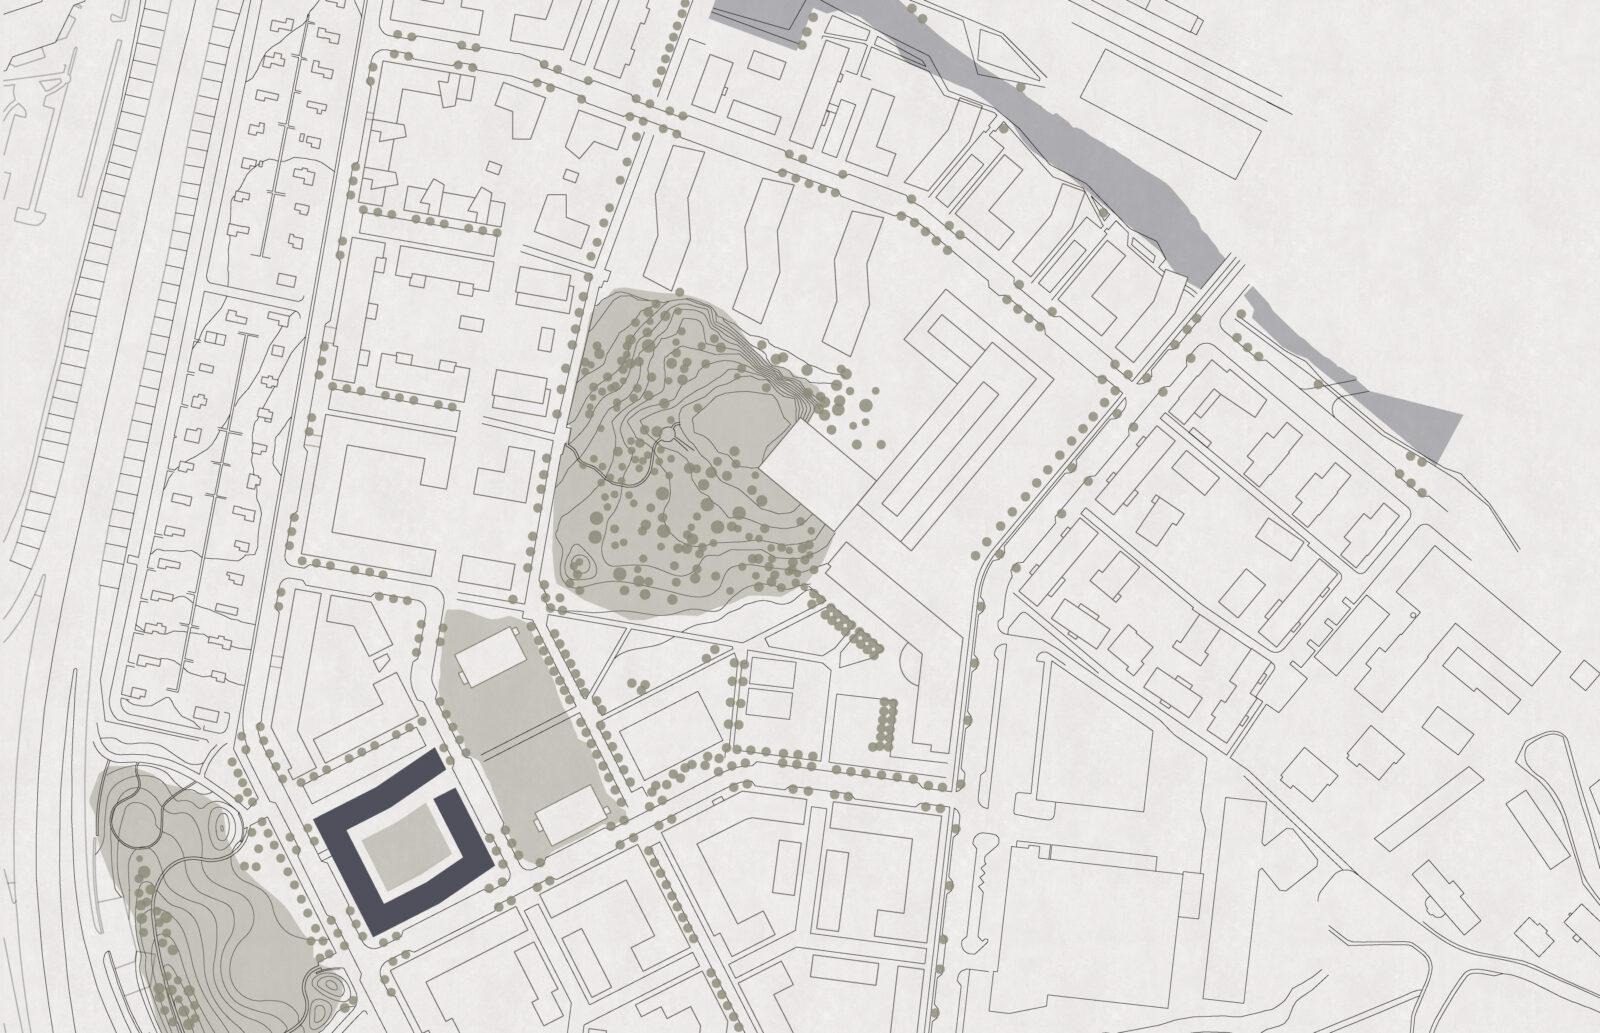 KjellanderSjoberg Maja Graddnos Diagram 02 3600x2324px